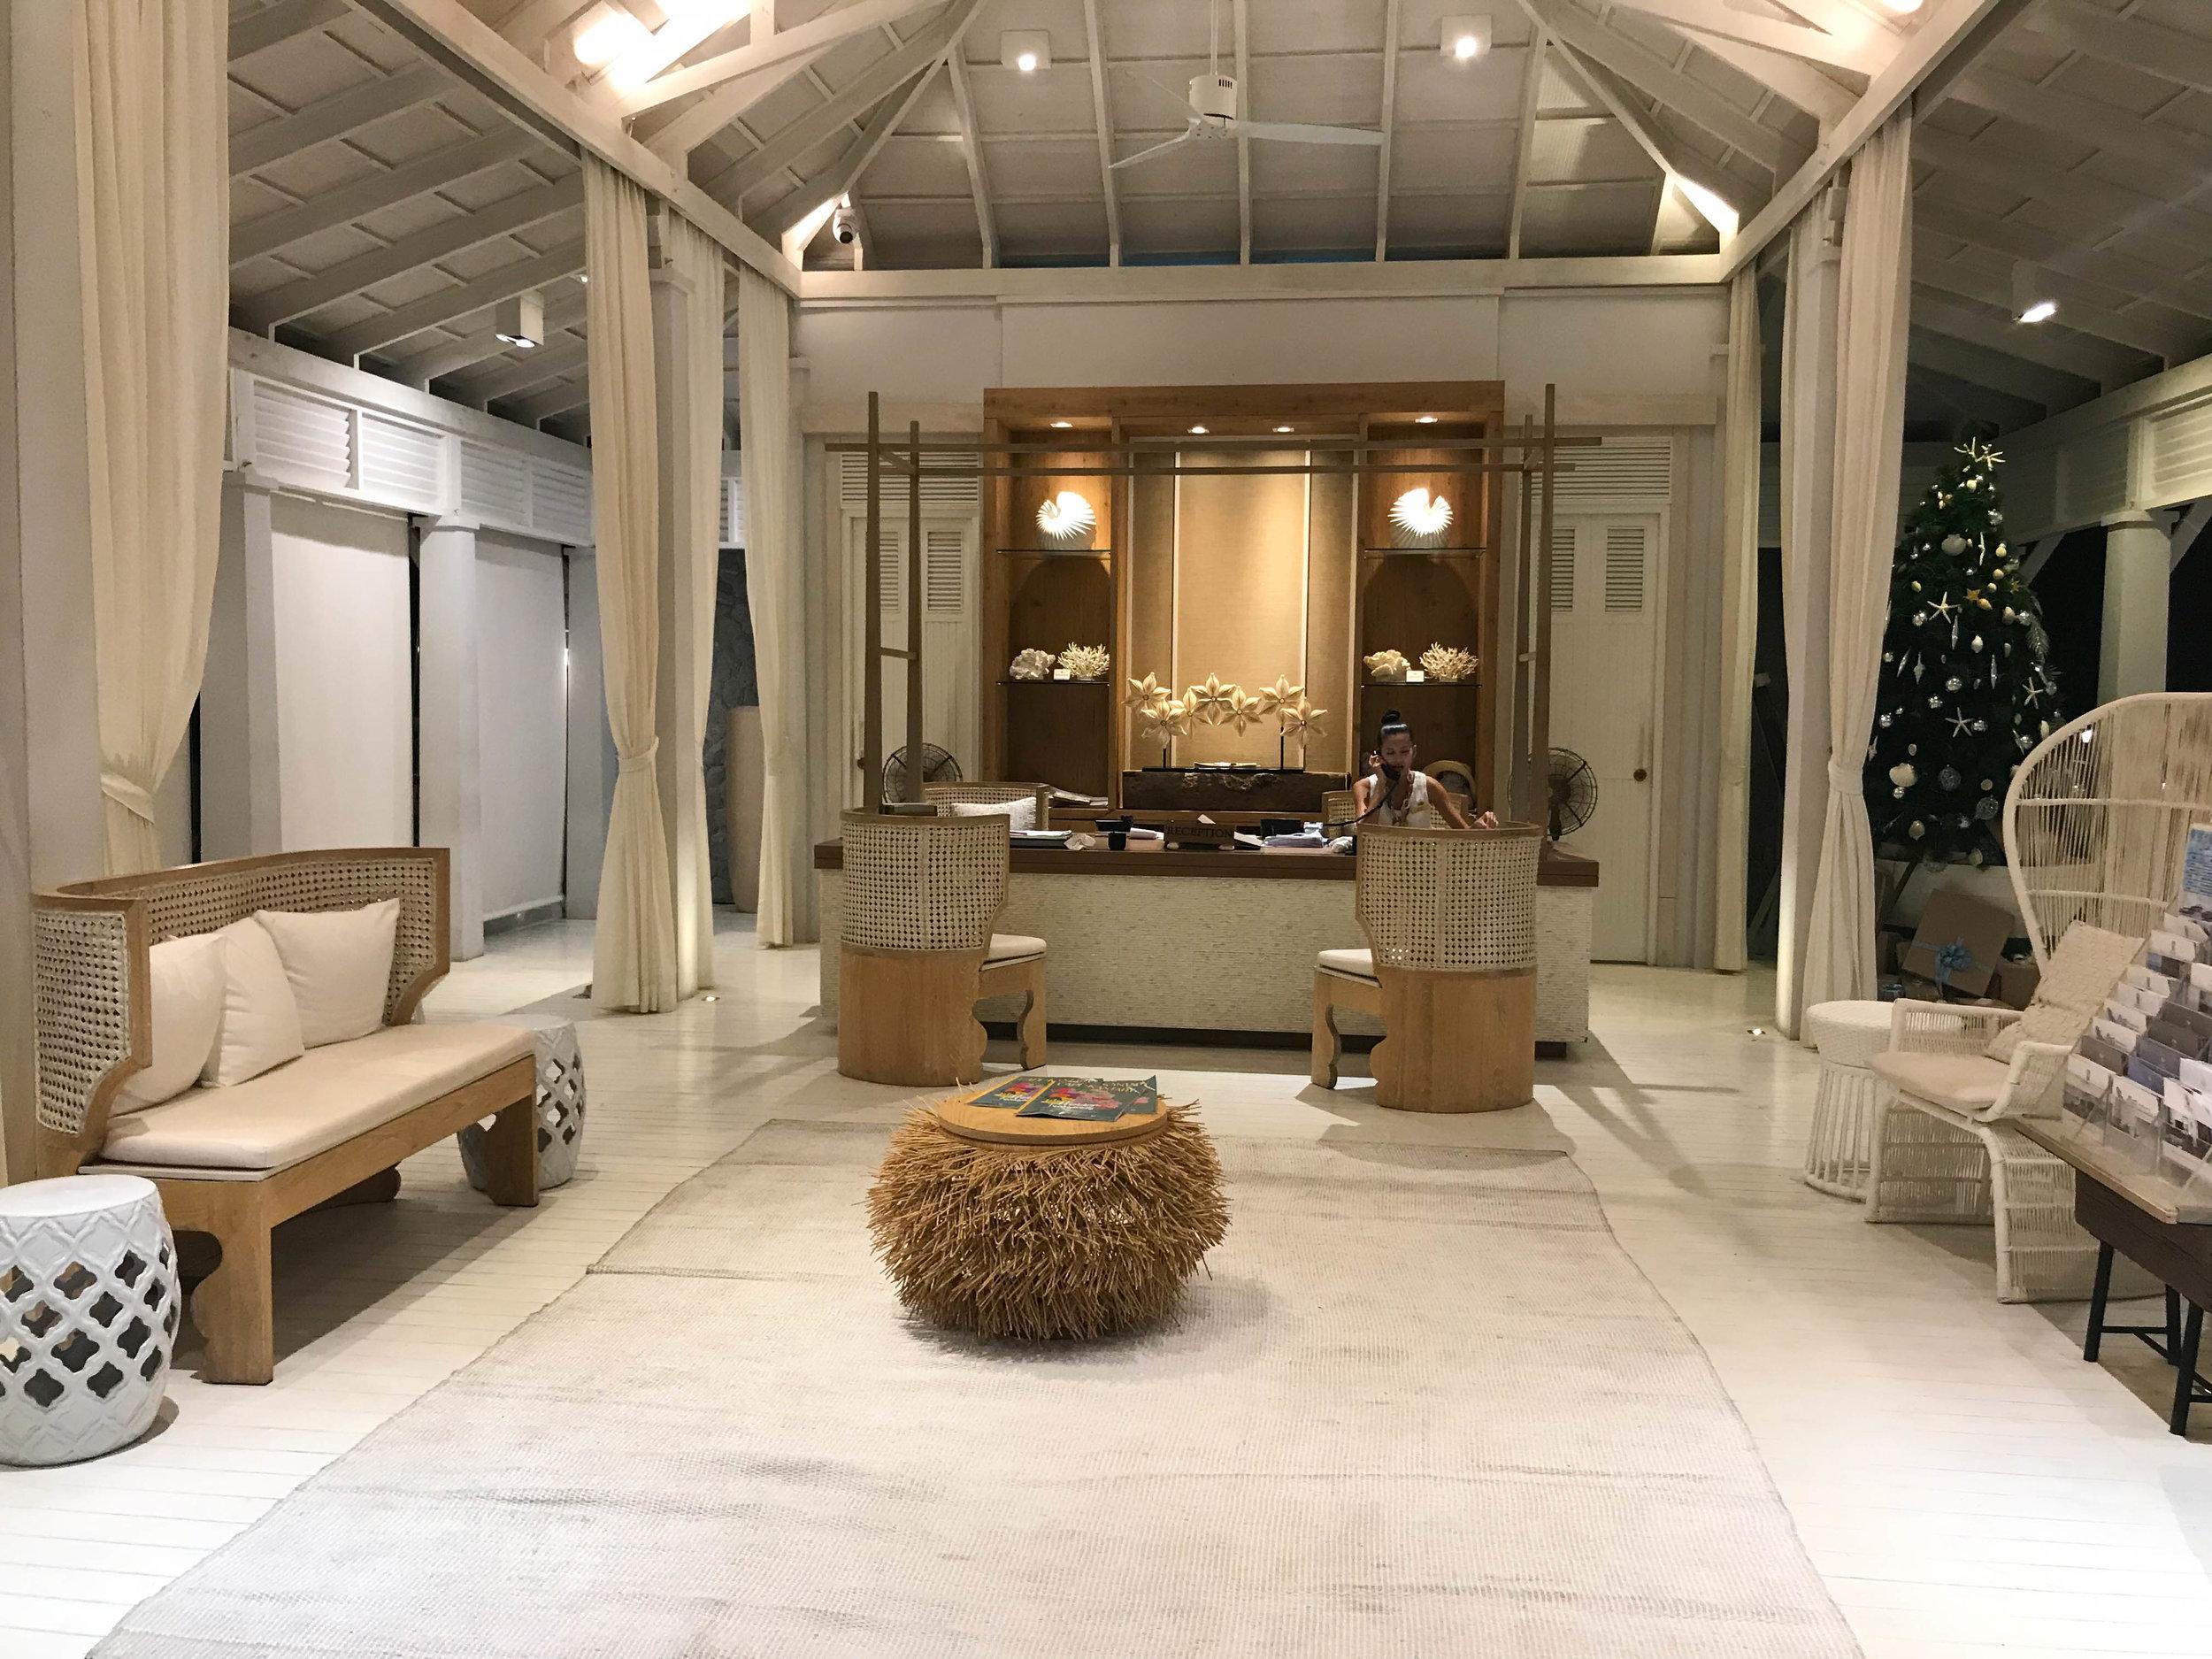 Thailand Cape Kudu Hotel Koh Yao Noi Coastal Lobby